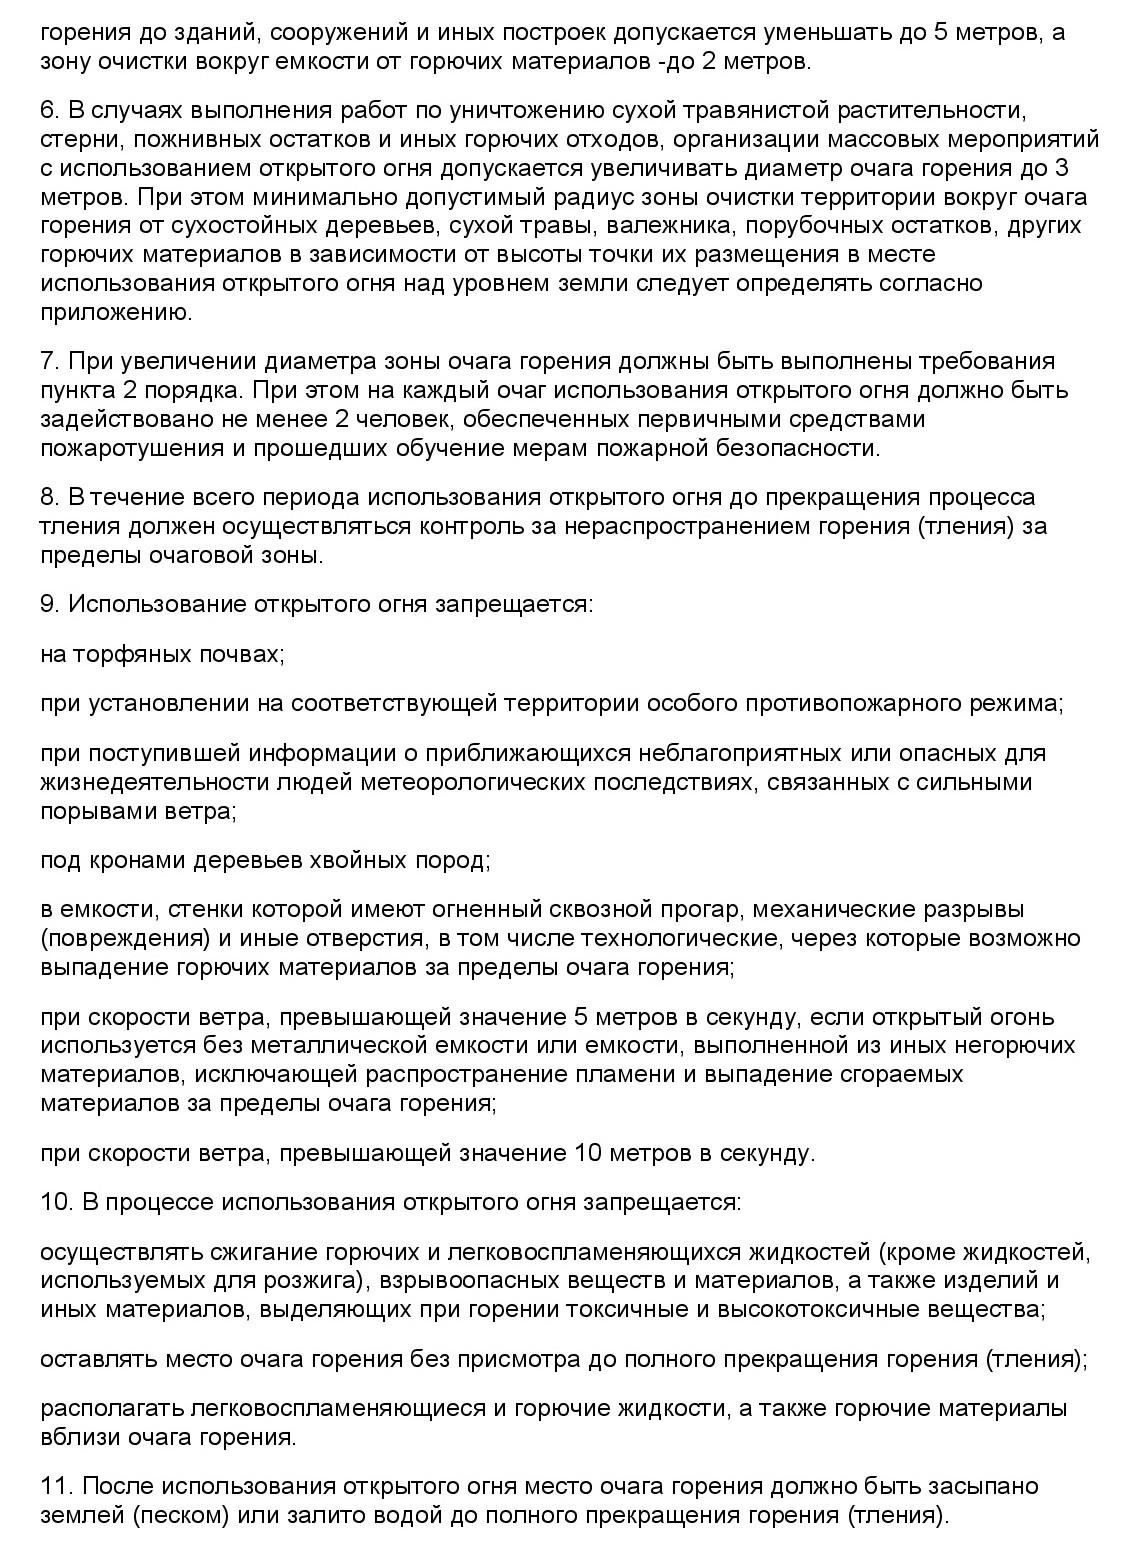 анализ ППР РФ 2020 г. 4.2